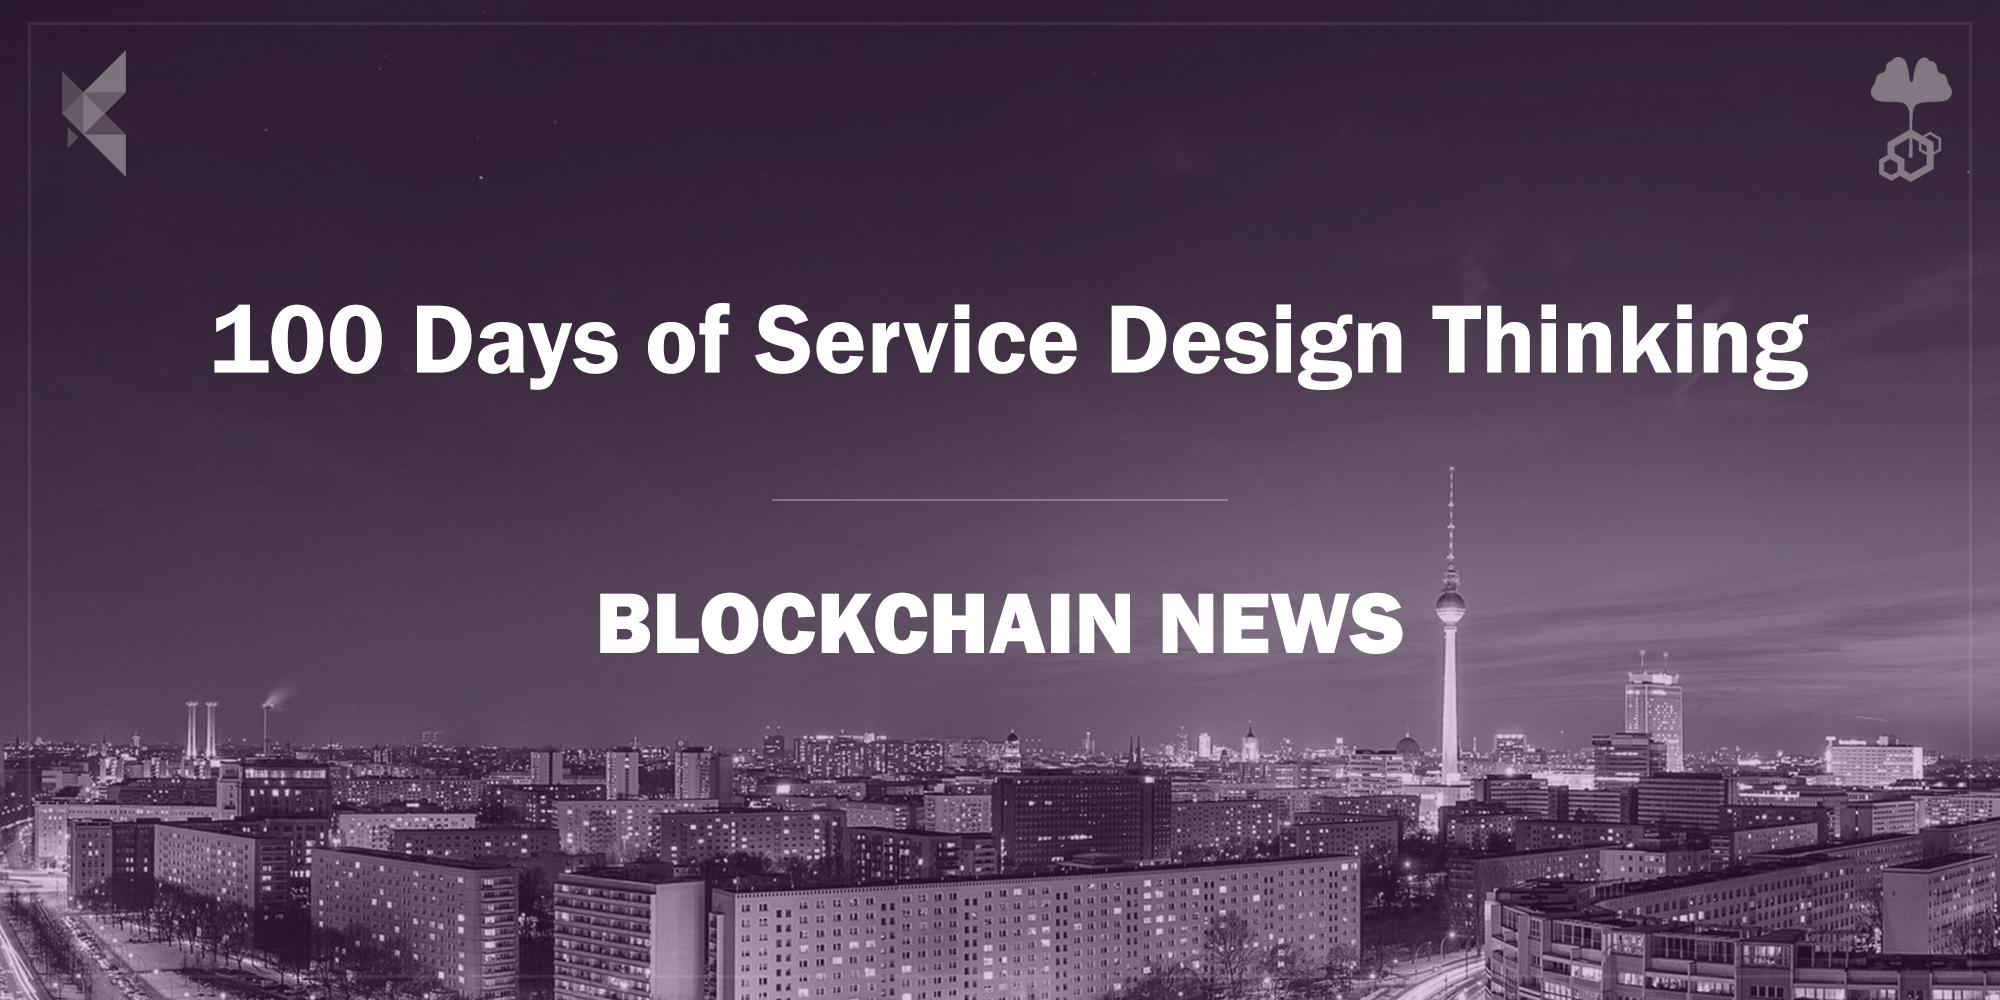 Service Design for Blockchain